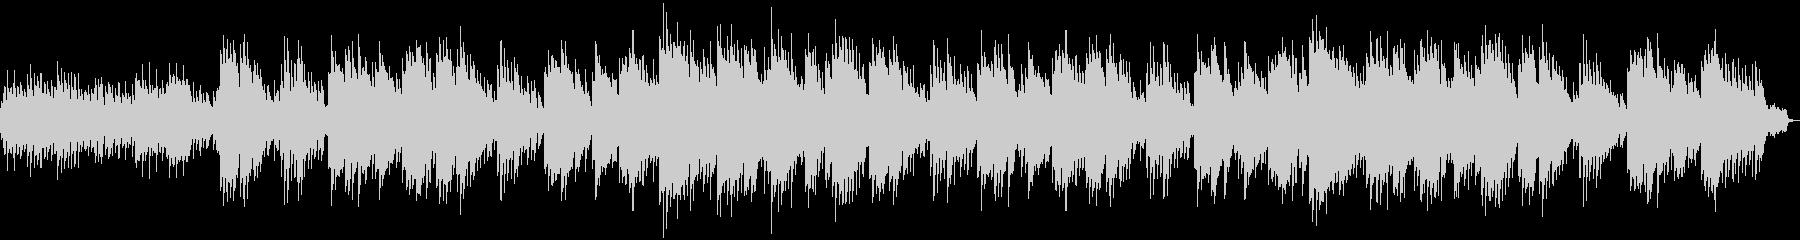 ほのぼのする映像に流れるBGMの未再生の波形